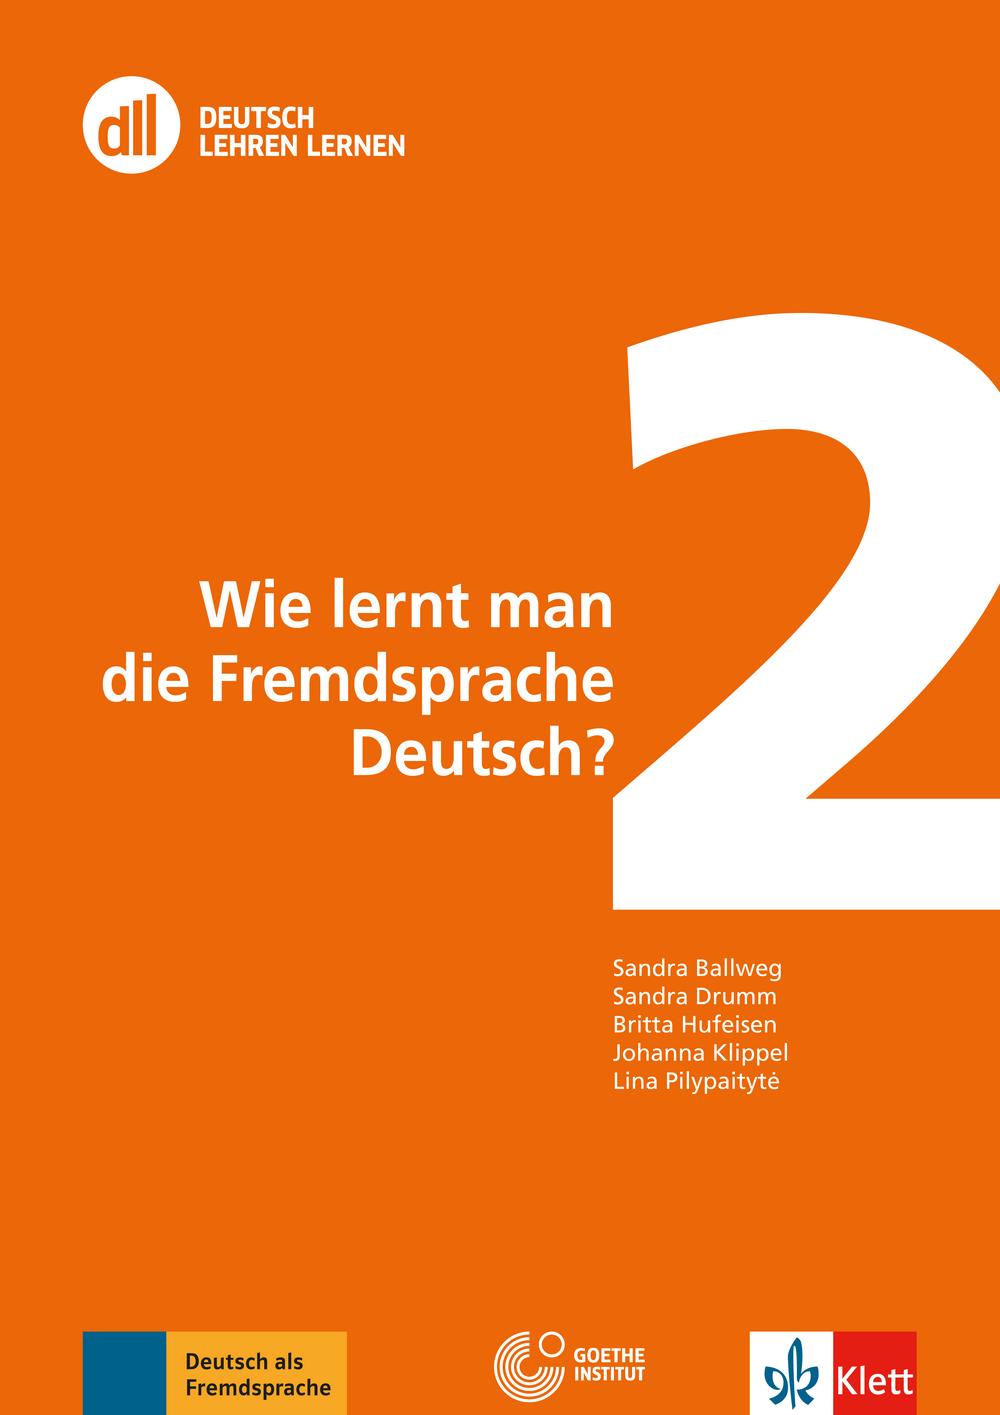 DLL 02: Wie lernt man die Fremdsprache Deutsch?